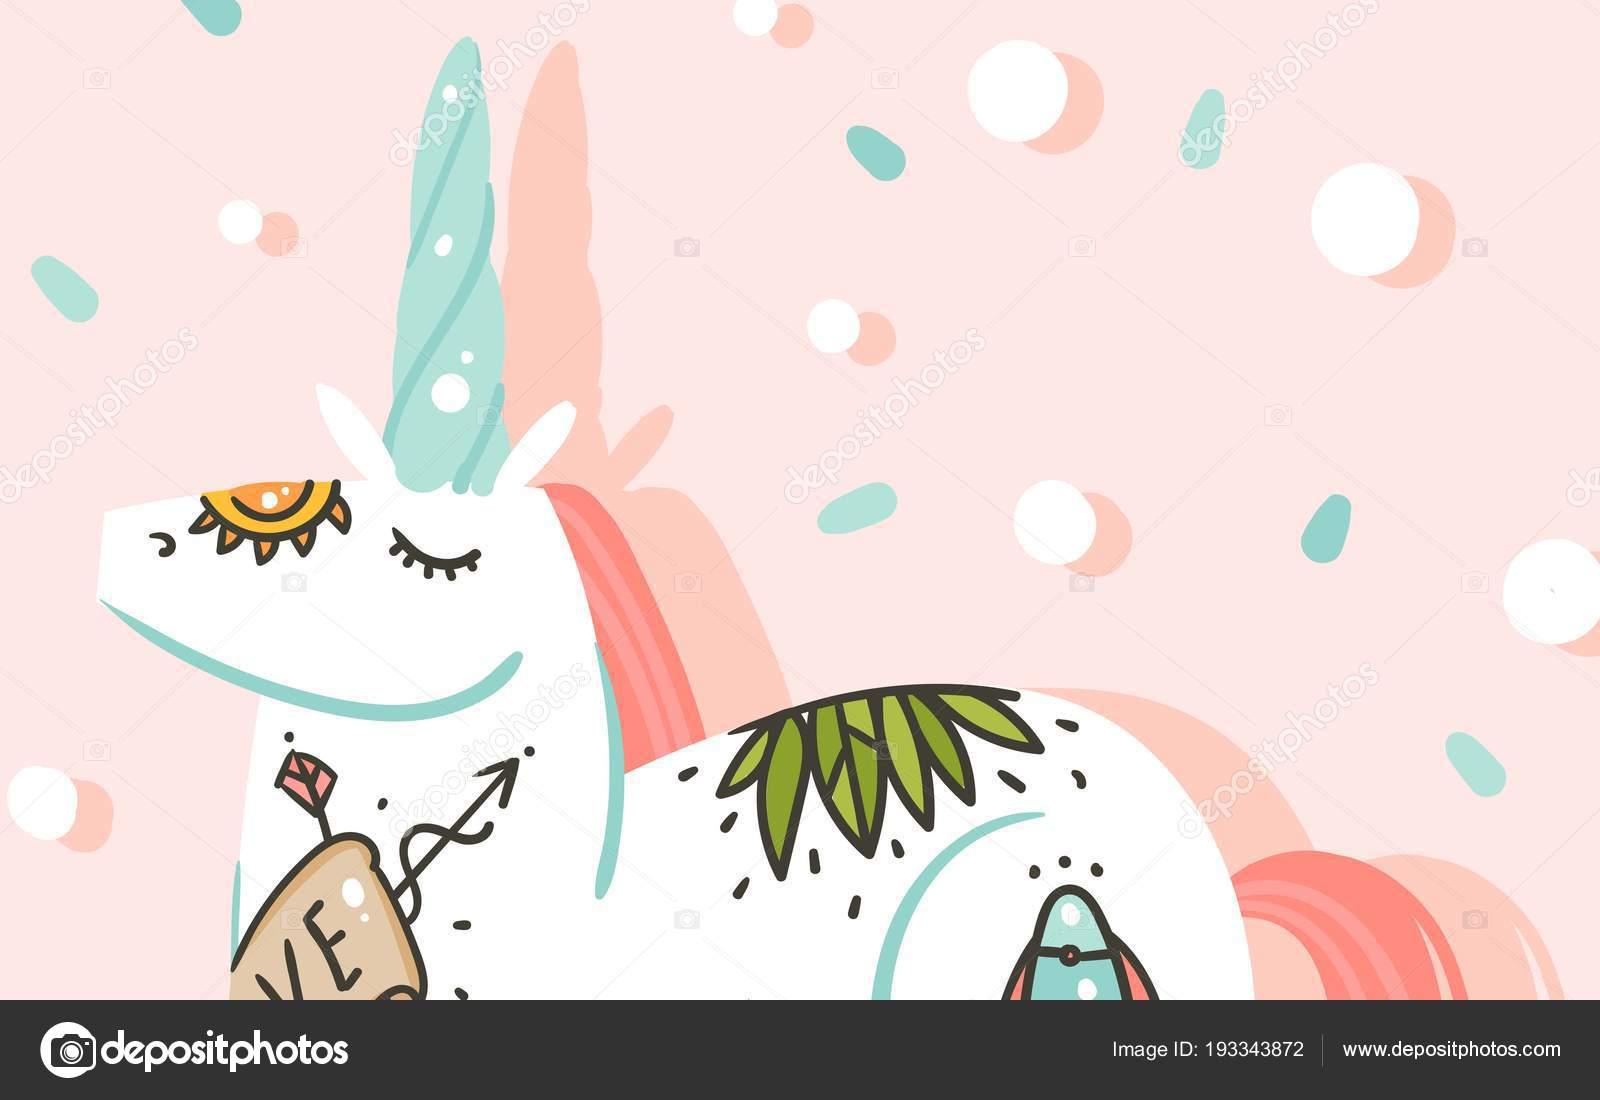 Ilustraciones de dibujos animados creativos gráficos Resumen vector ...